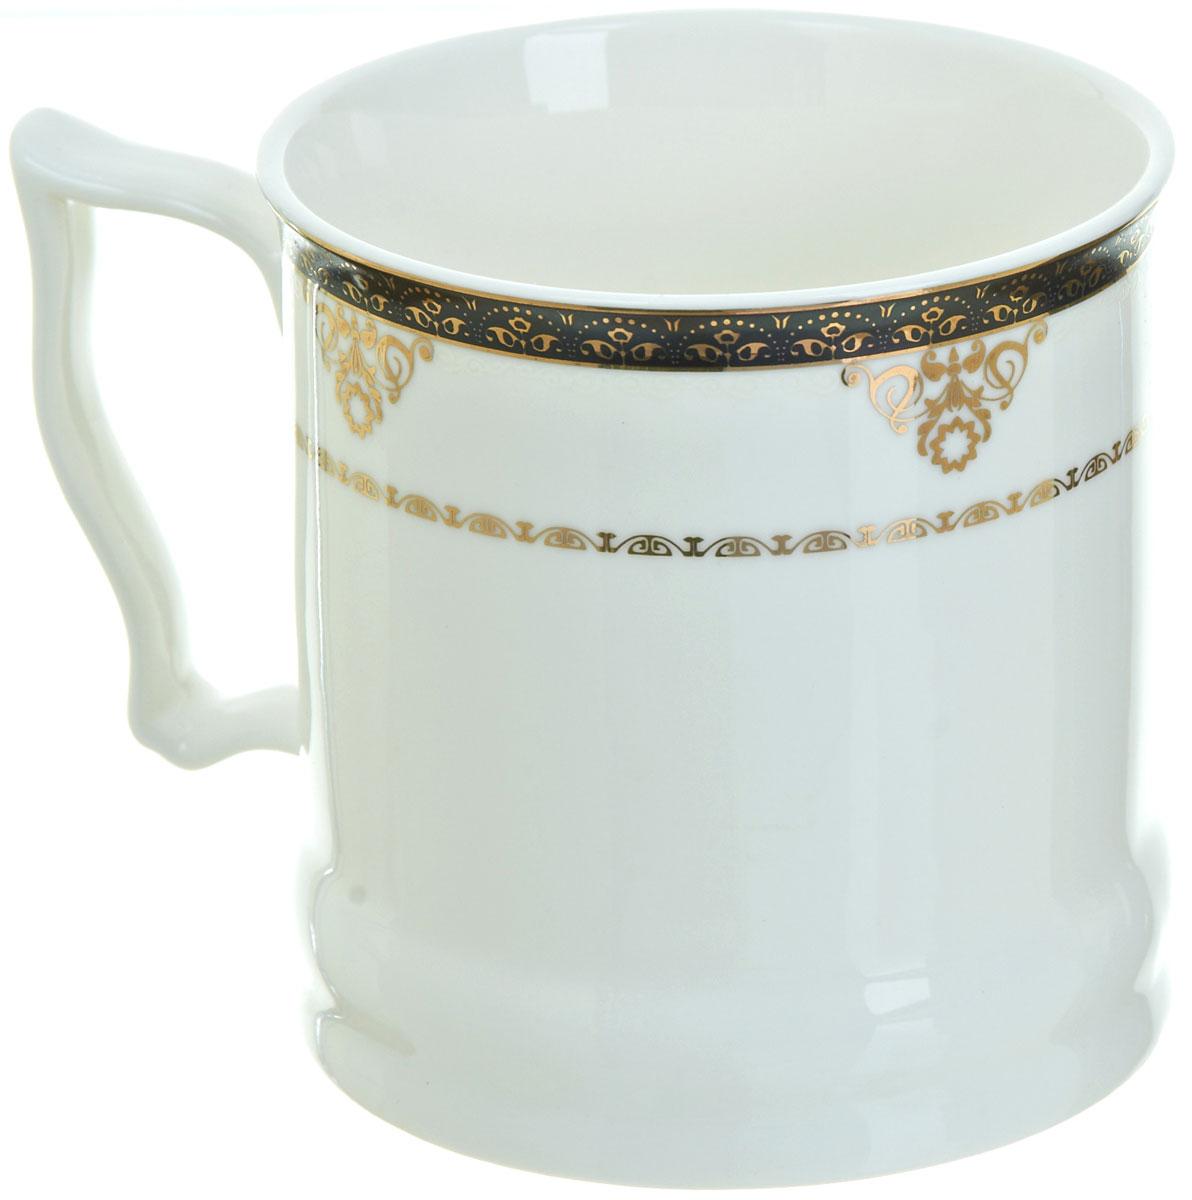 Кружка BHP Королевская кружка, 500 мл. M1870007M1870007Оригинальная кружка Best Home Porcelain, выполненная из высококачественного фарфора, сочетает в себе простой, утонченный дизайн с максимальной функциональностью. Оригинальность оформления придутся по вкусу тем, кто ценит индивидуальность. В комплект входит кружка. Можно использовать в ПММ.